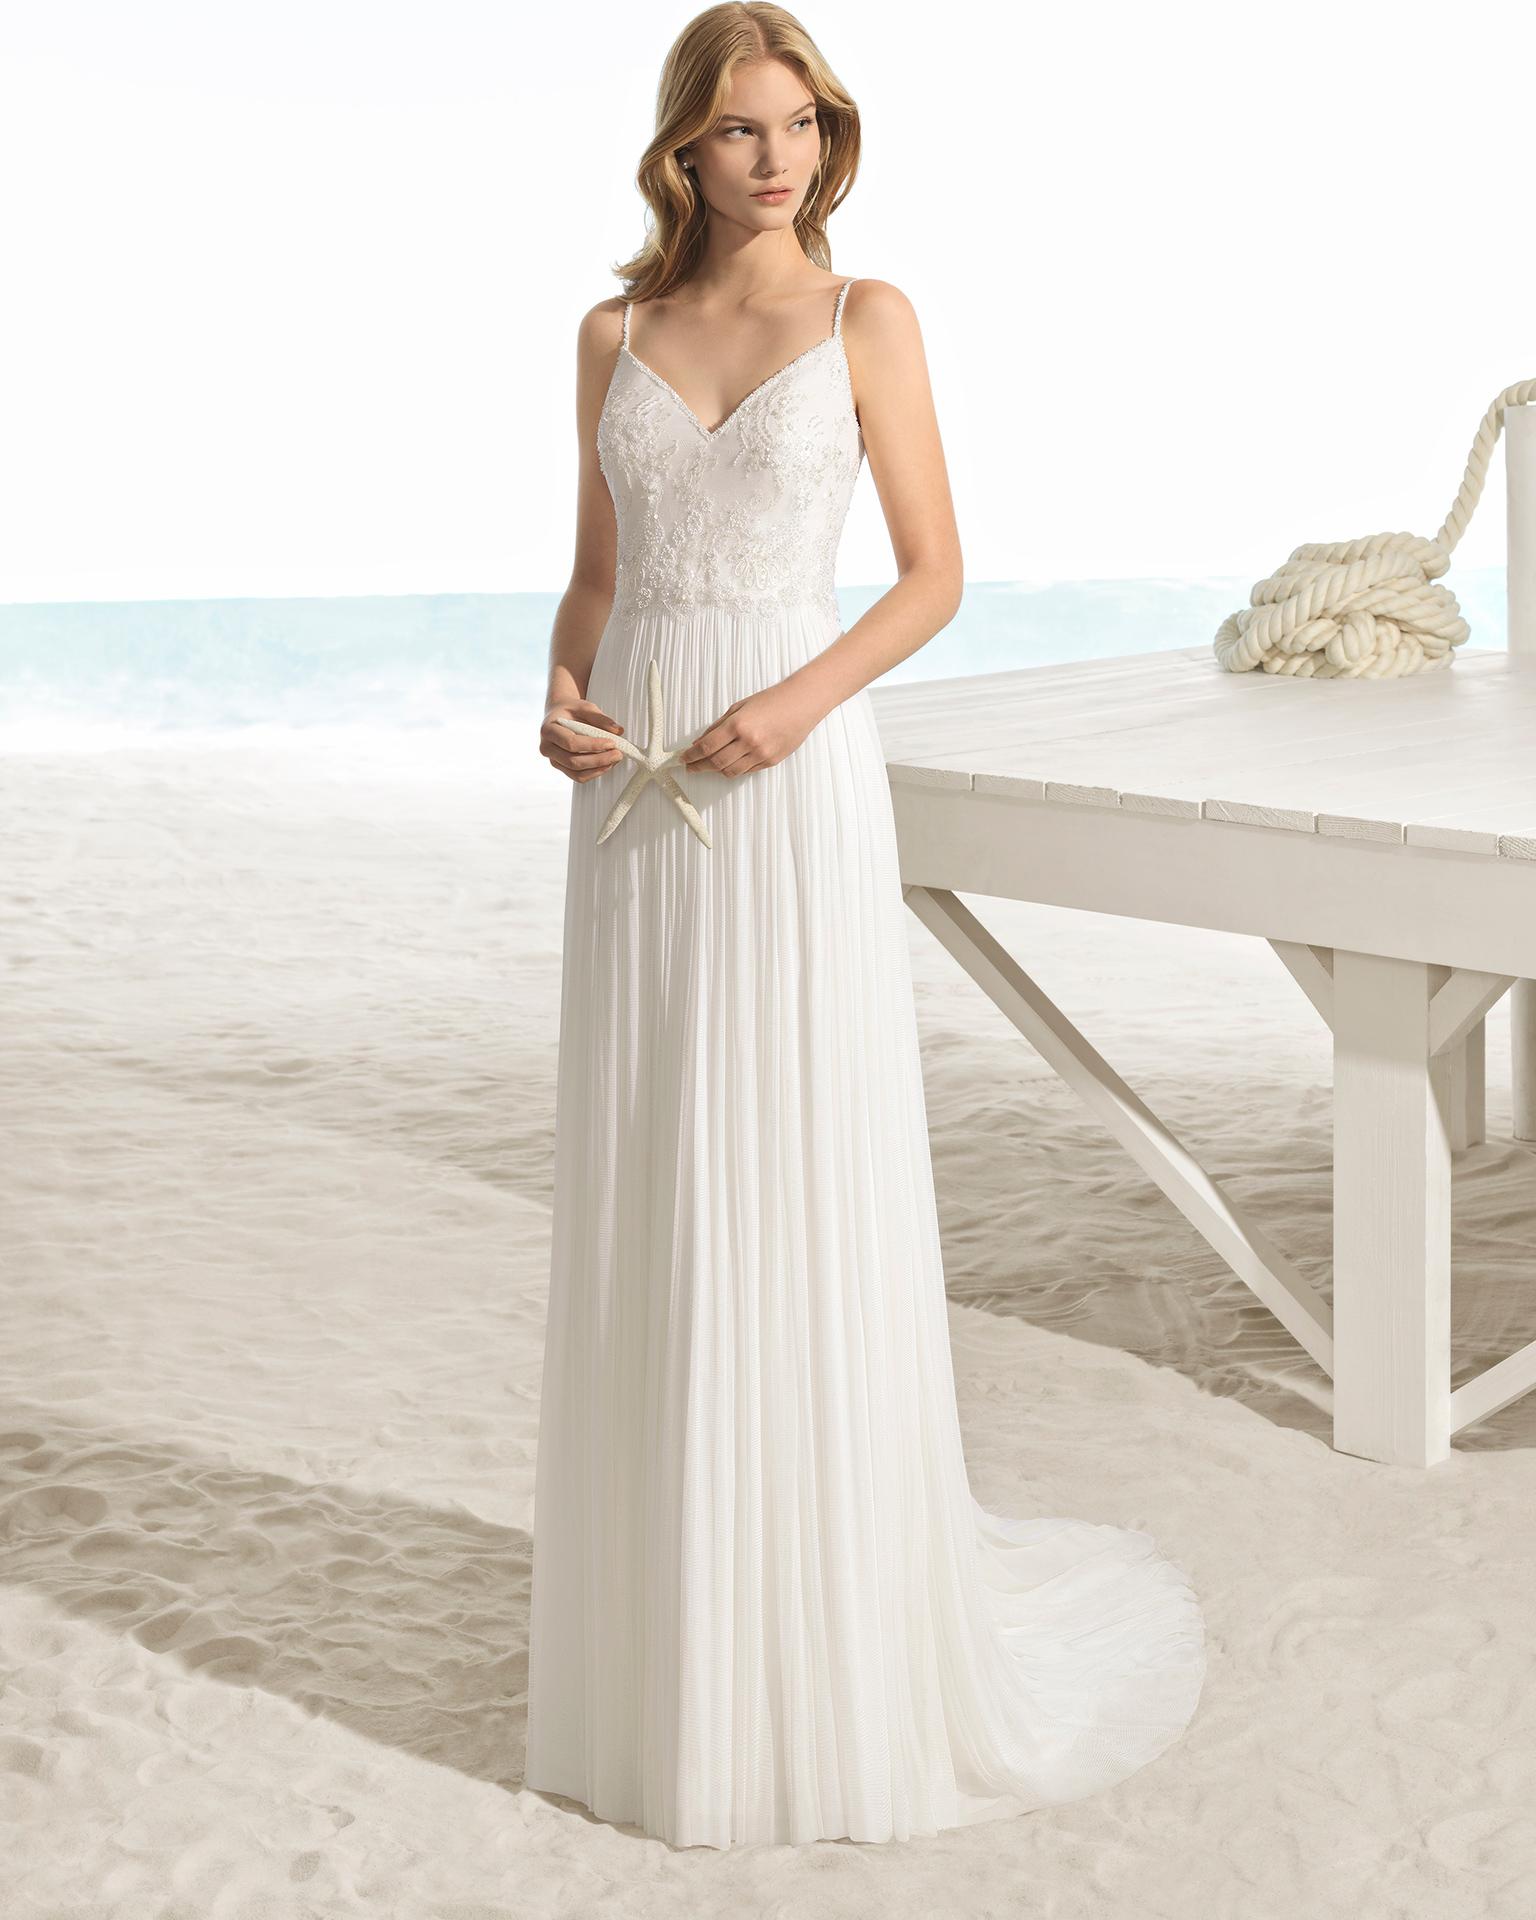 Vestido de novia estilo boho de encaje pedrería y muselina de seda, con escote V y espalda V.